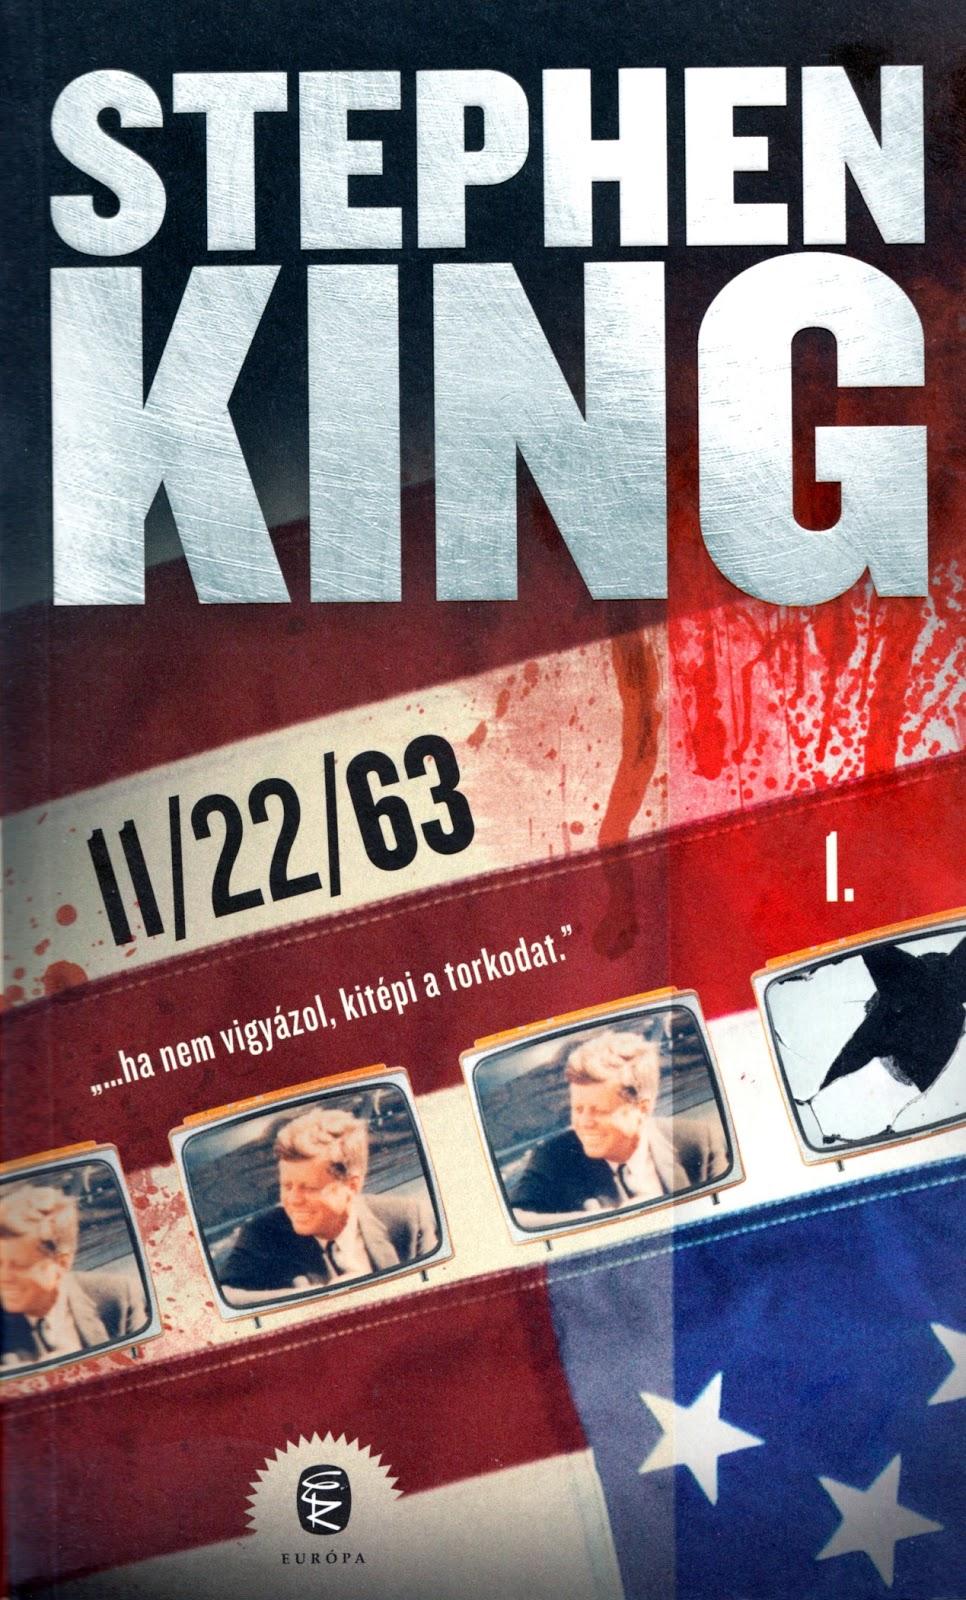 11/22/63 by Stephen King 2011 Hardcover JFK Assassination Novel